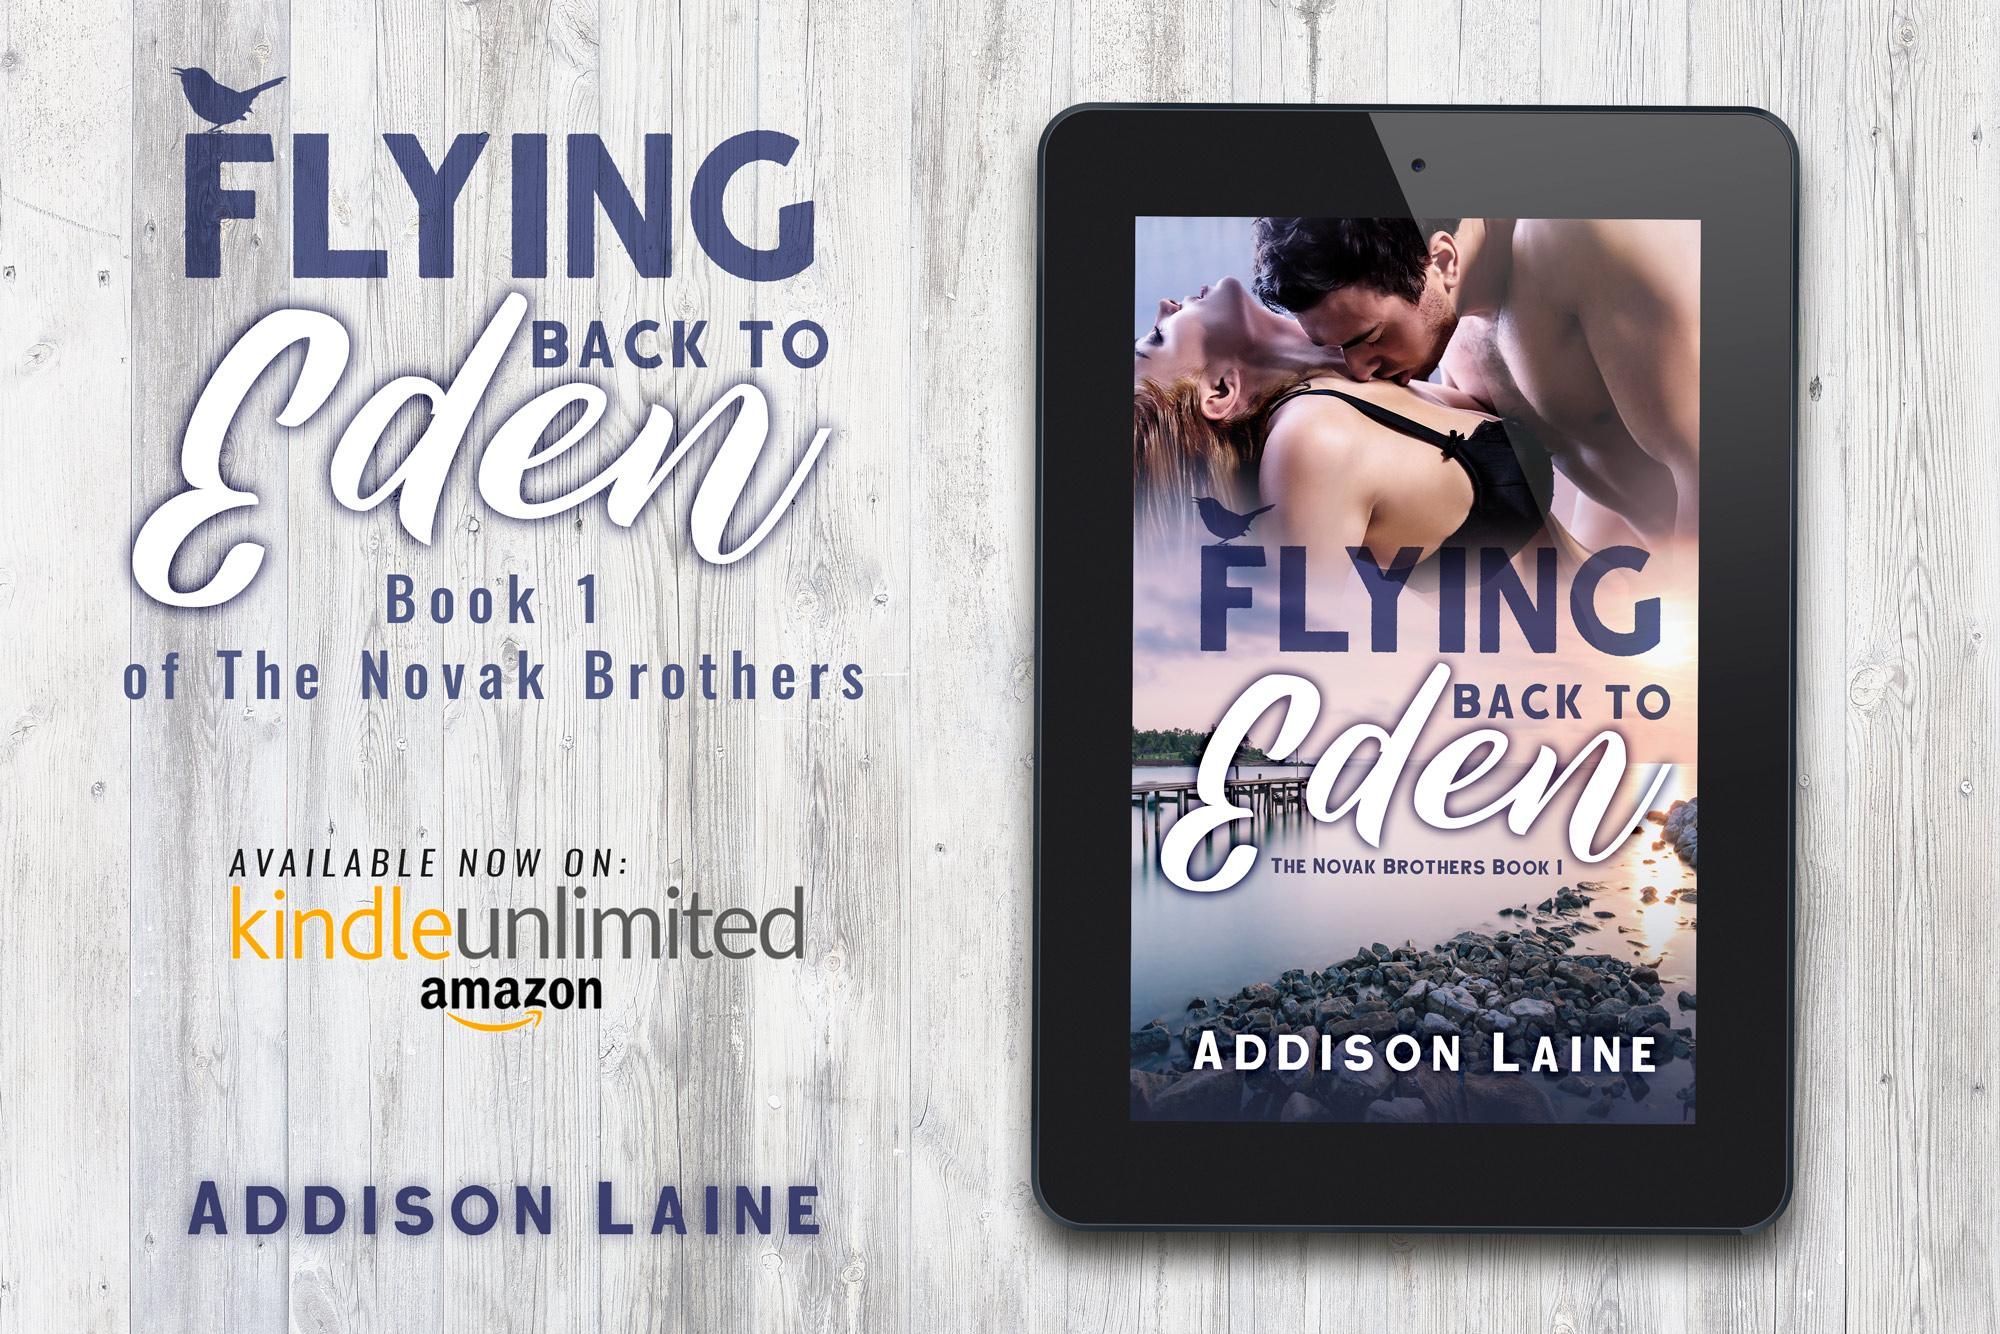 Flying_back_to_Eden_WEB_EBOOK_PROMO